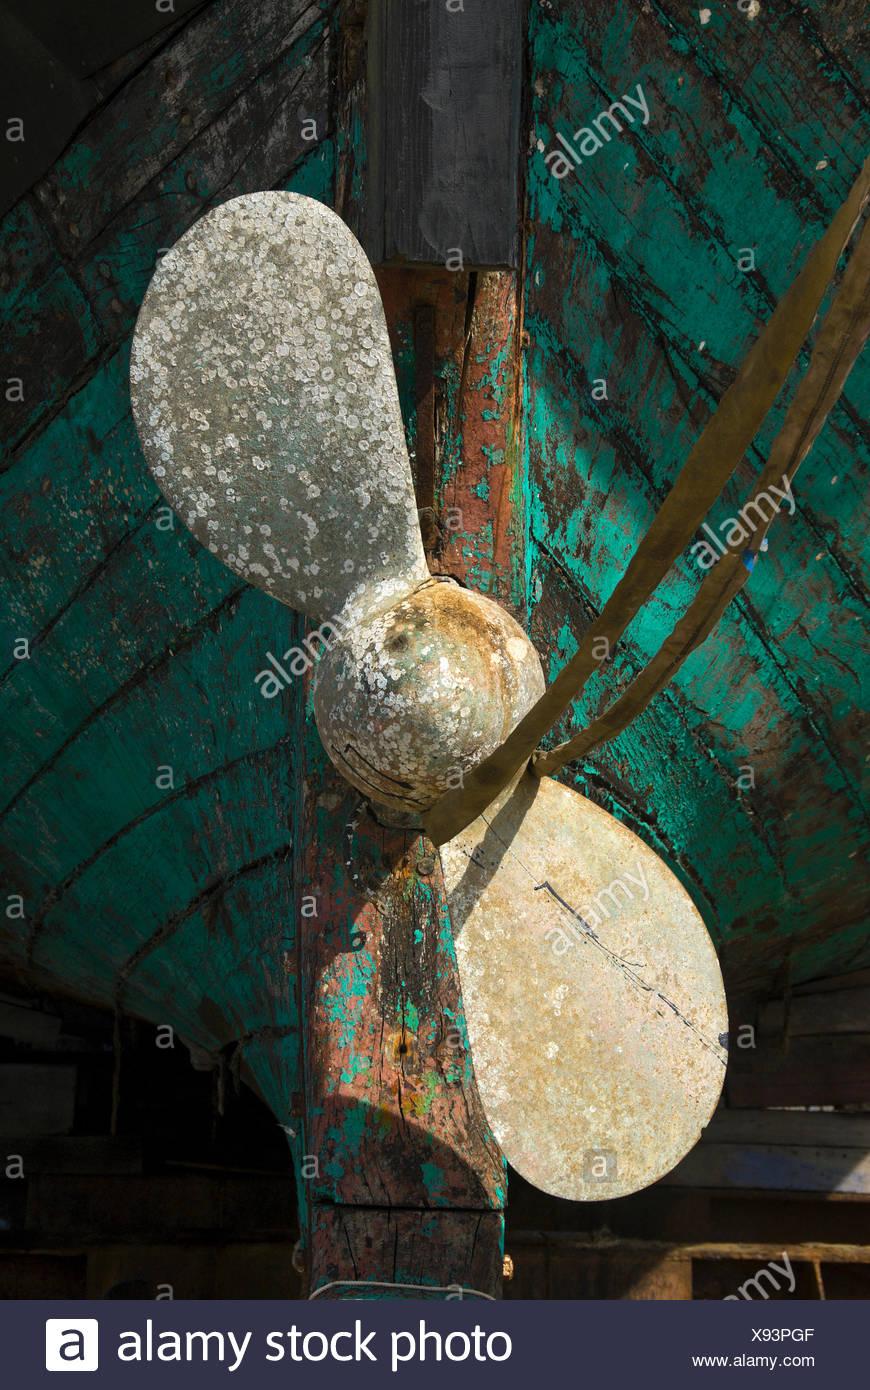 Ship propeller on an old fishing boat in dry dock, port of Hvide Sande, Denmark, Europe - Stock Image